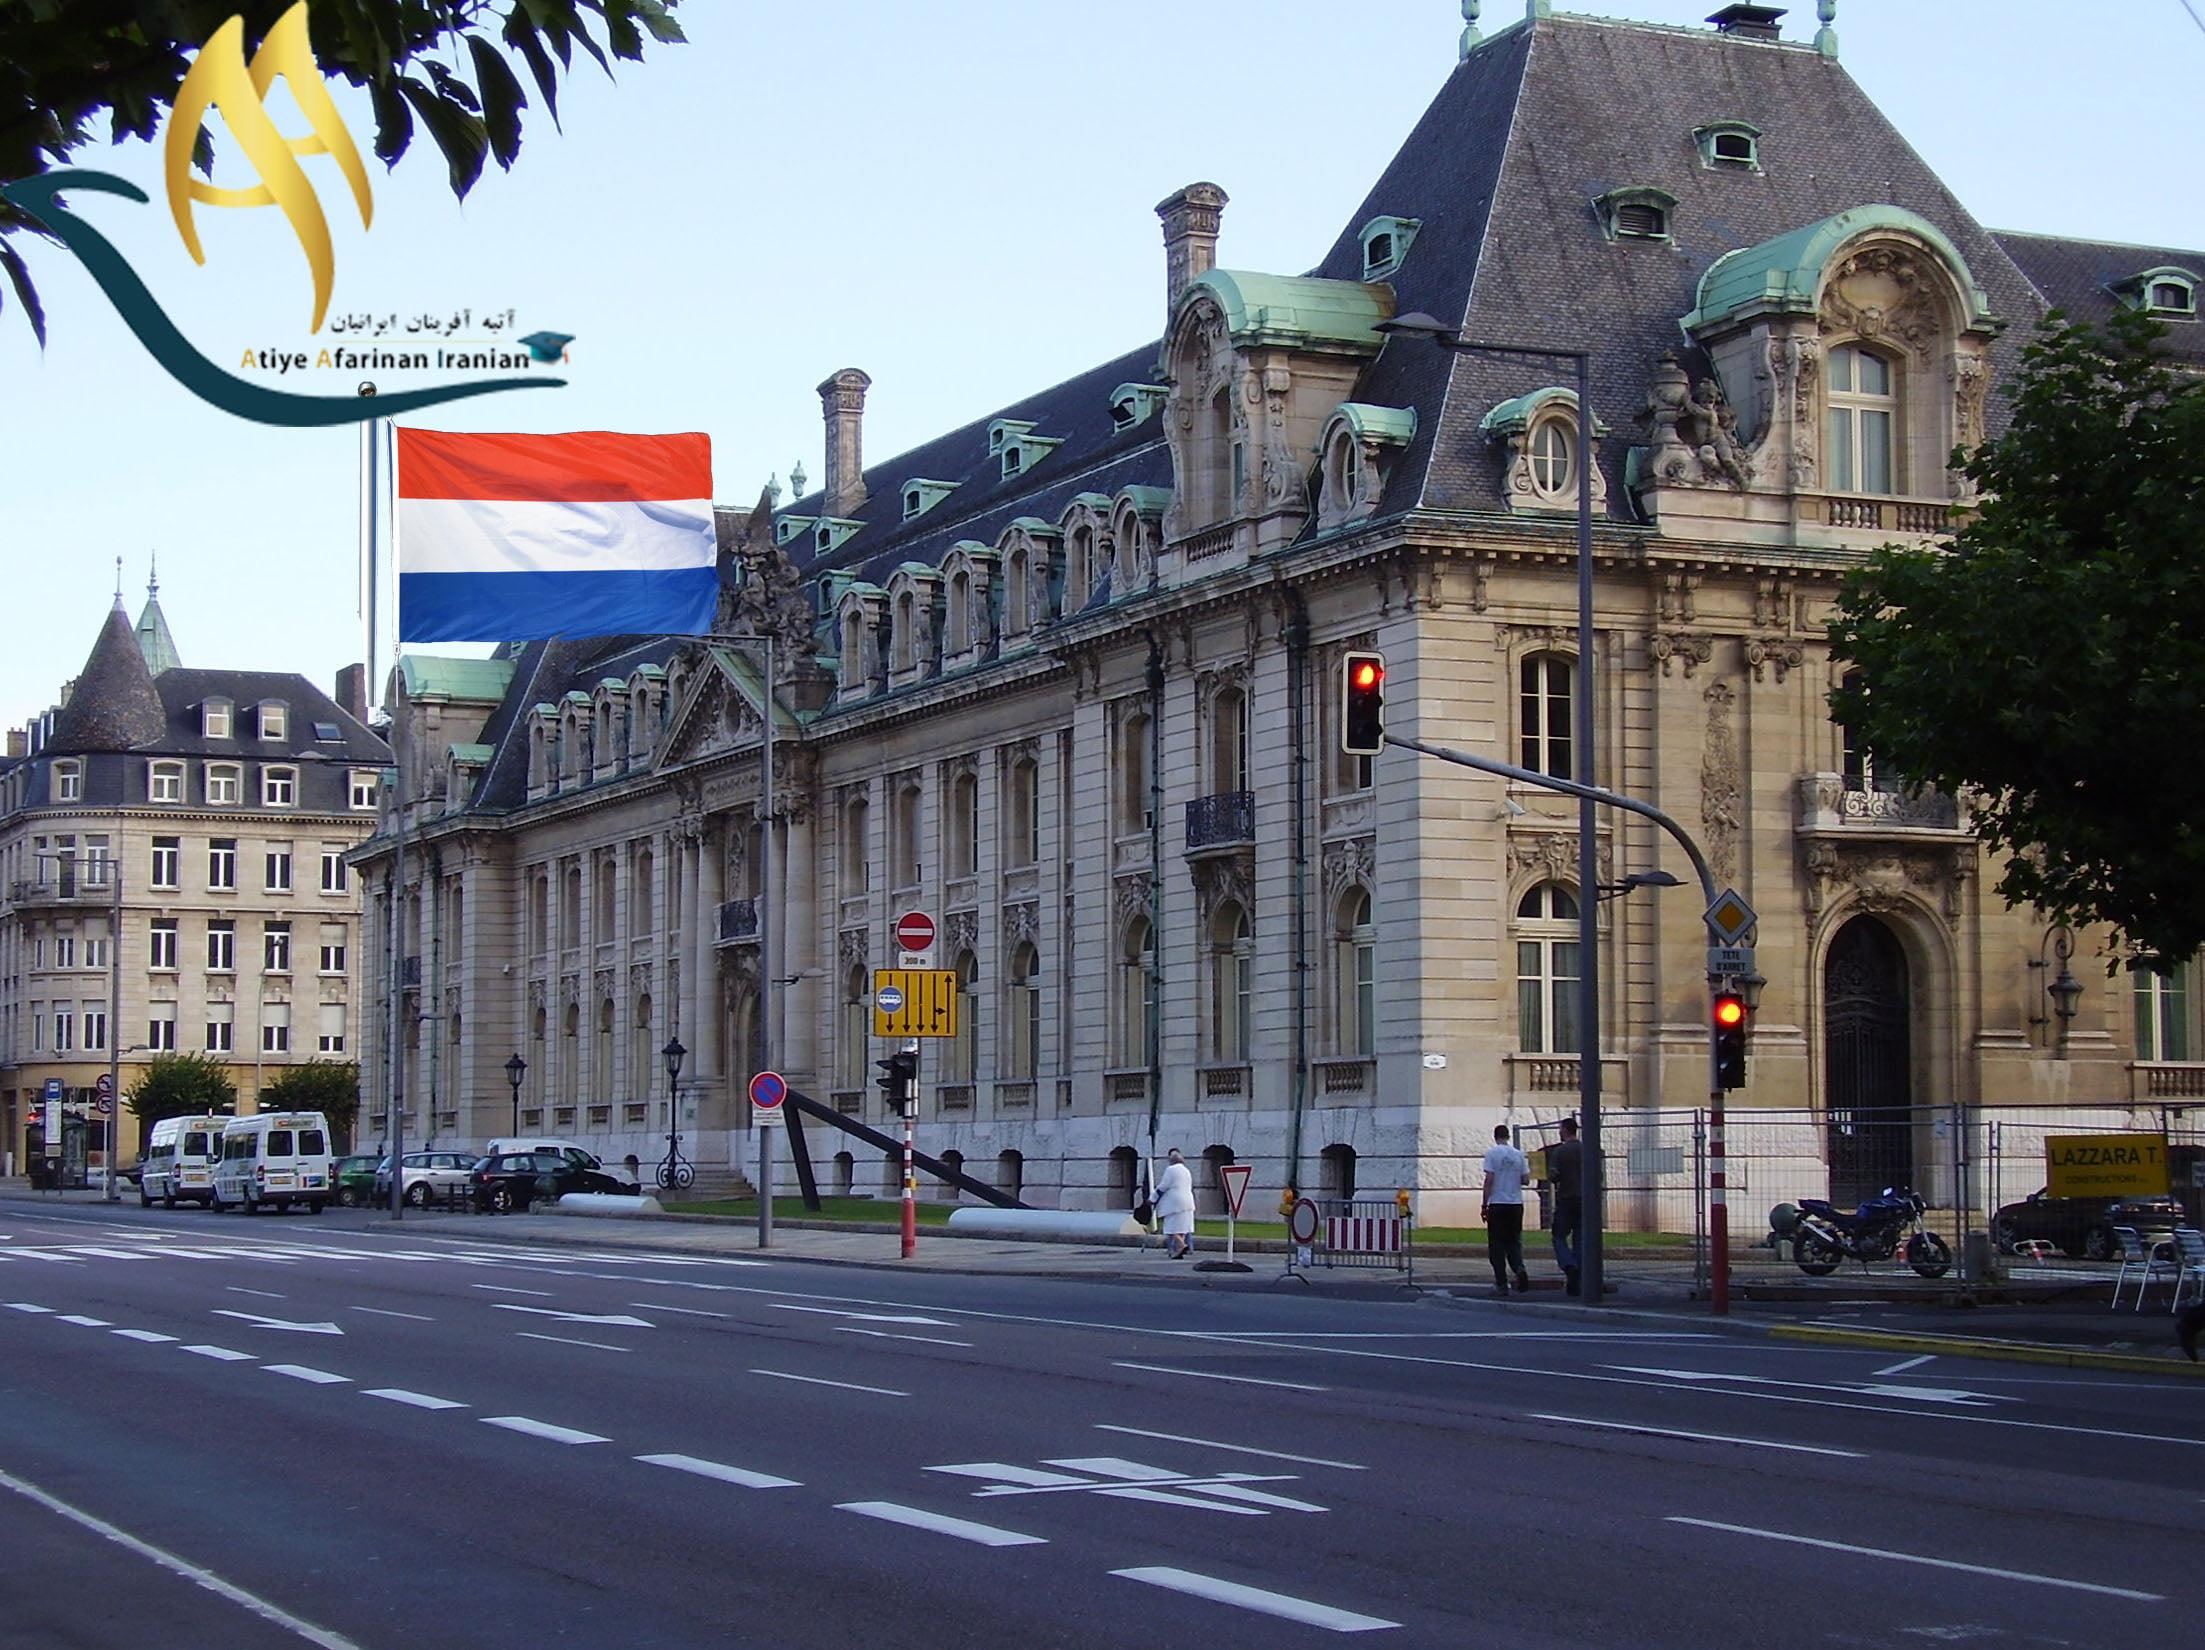 دانشگاه های مورد تایید وزارت علوم در لوکزامبورگ